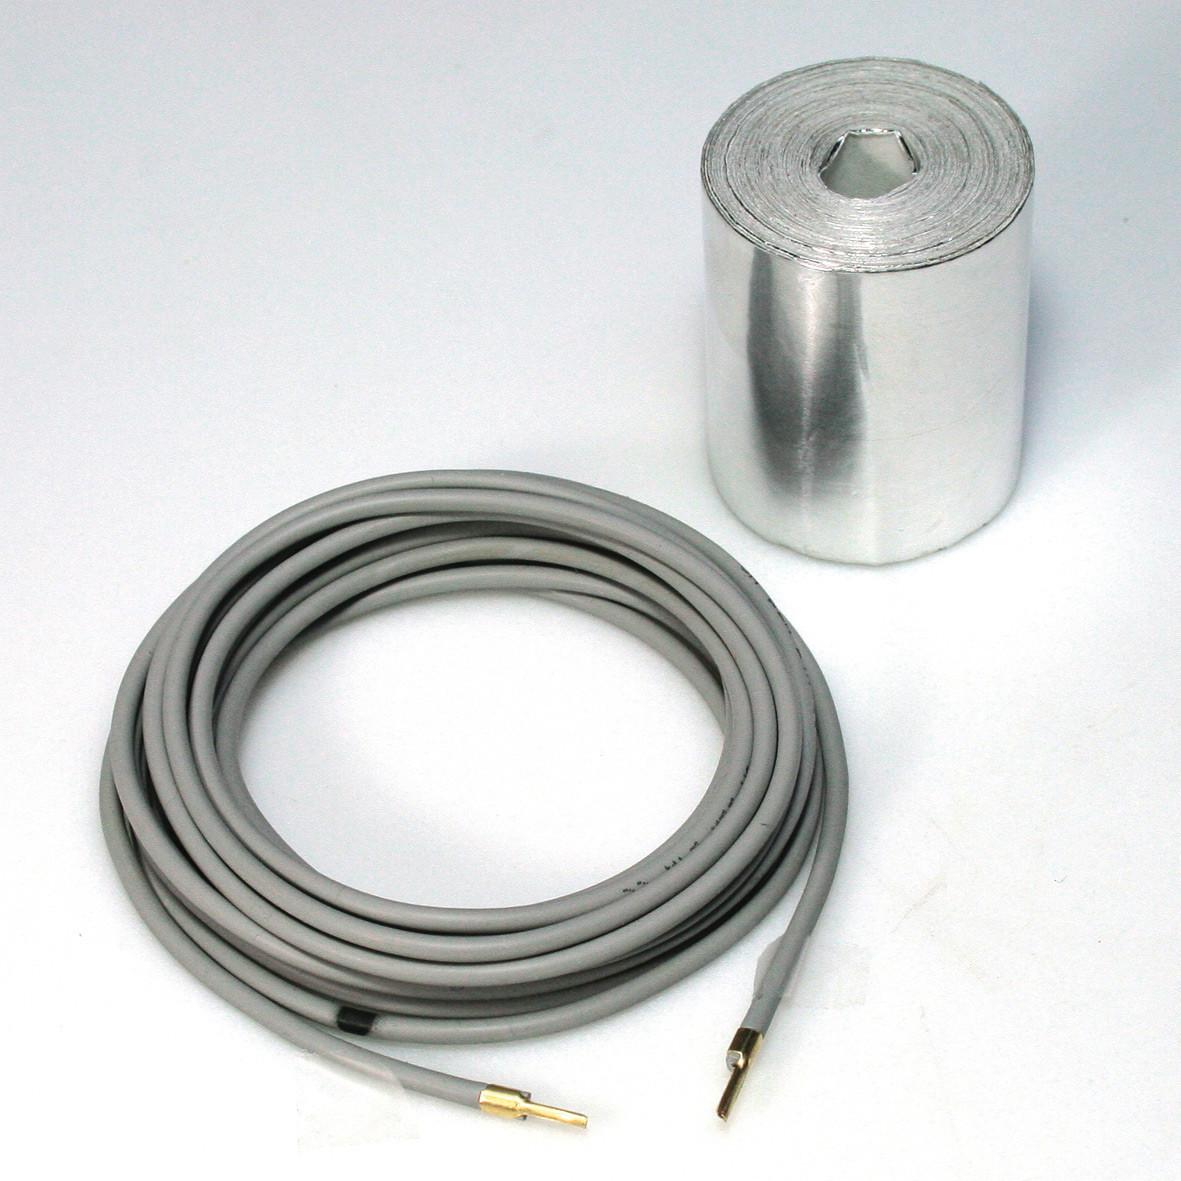 fil chauffant pour arrivée d'eau d'abreuvoir